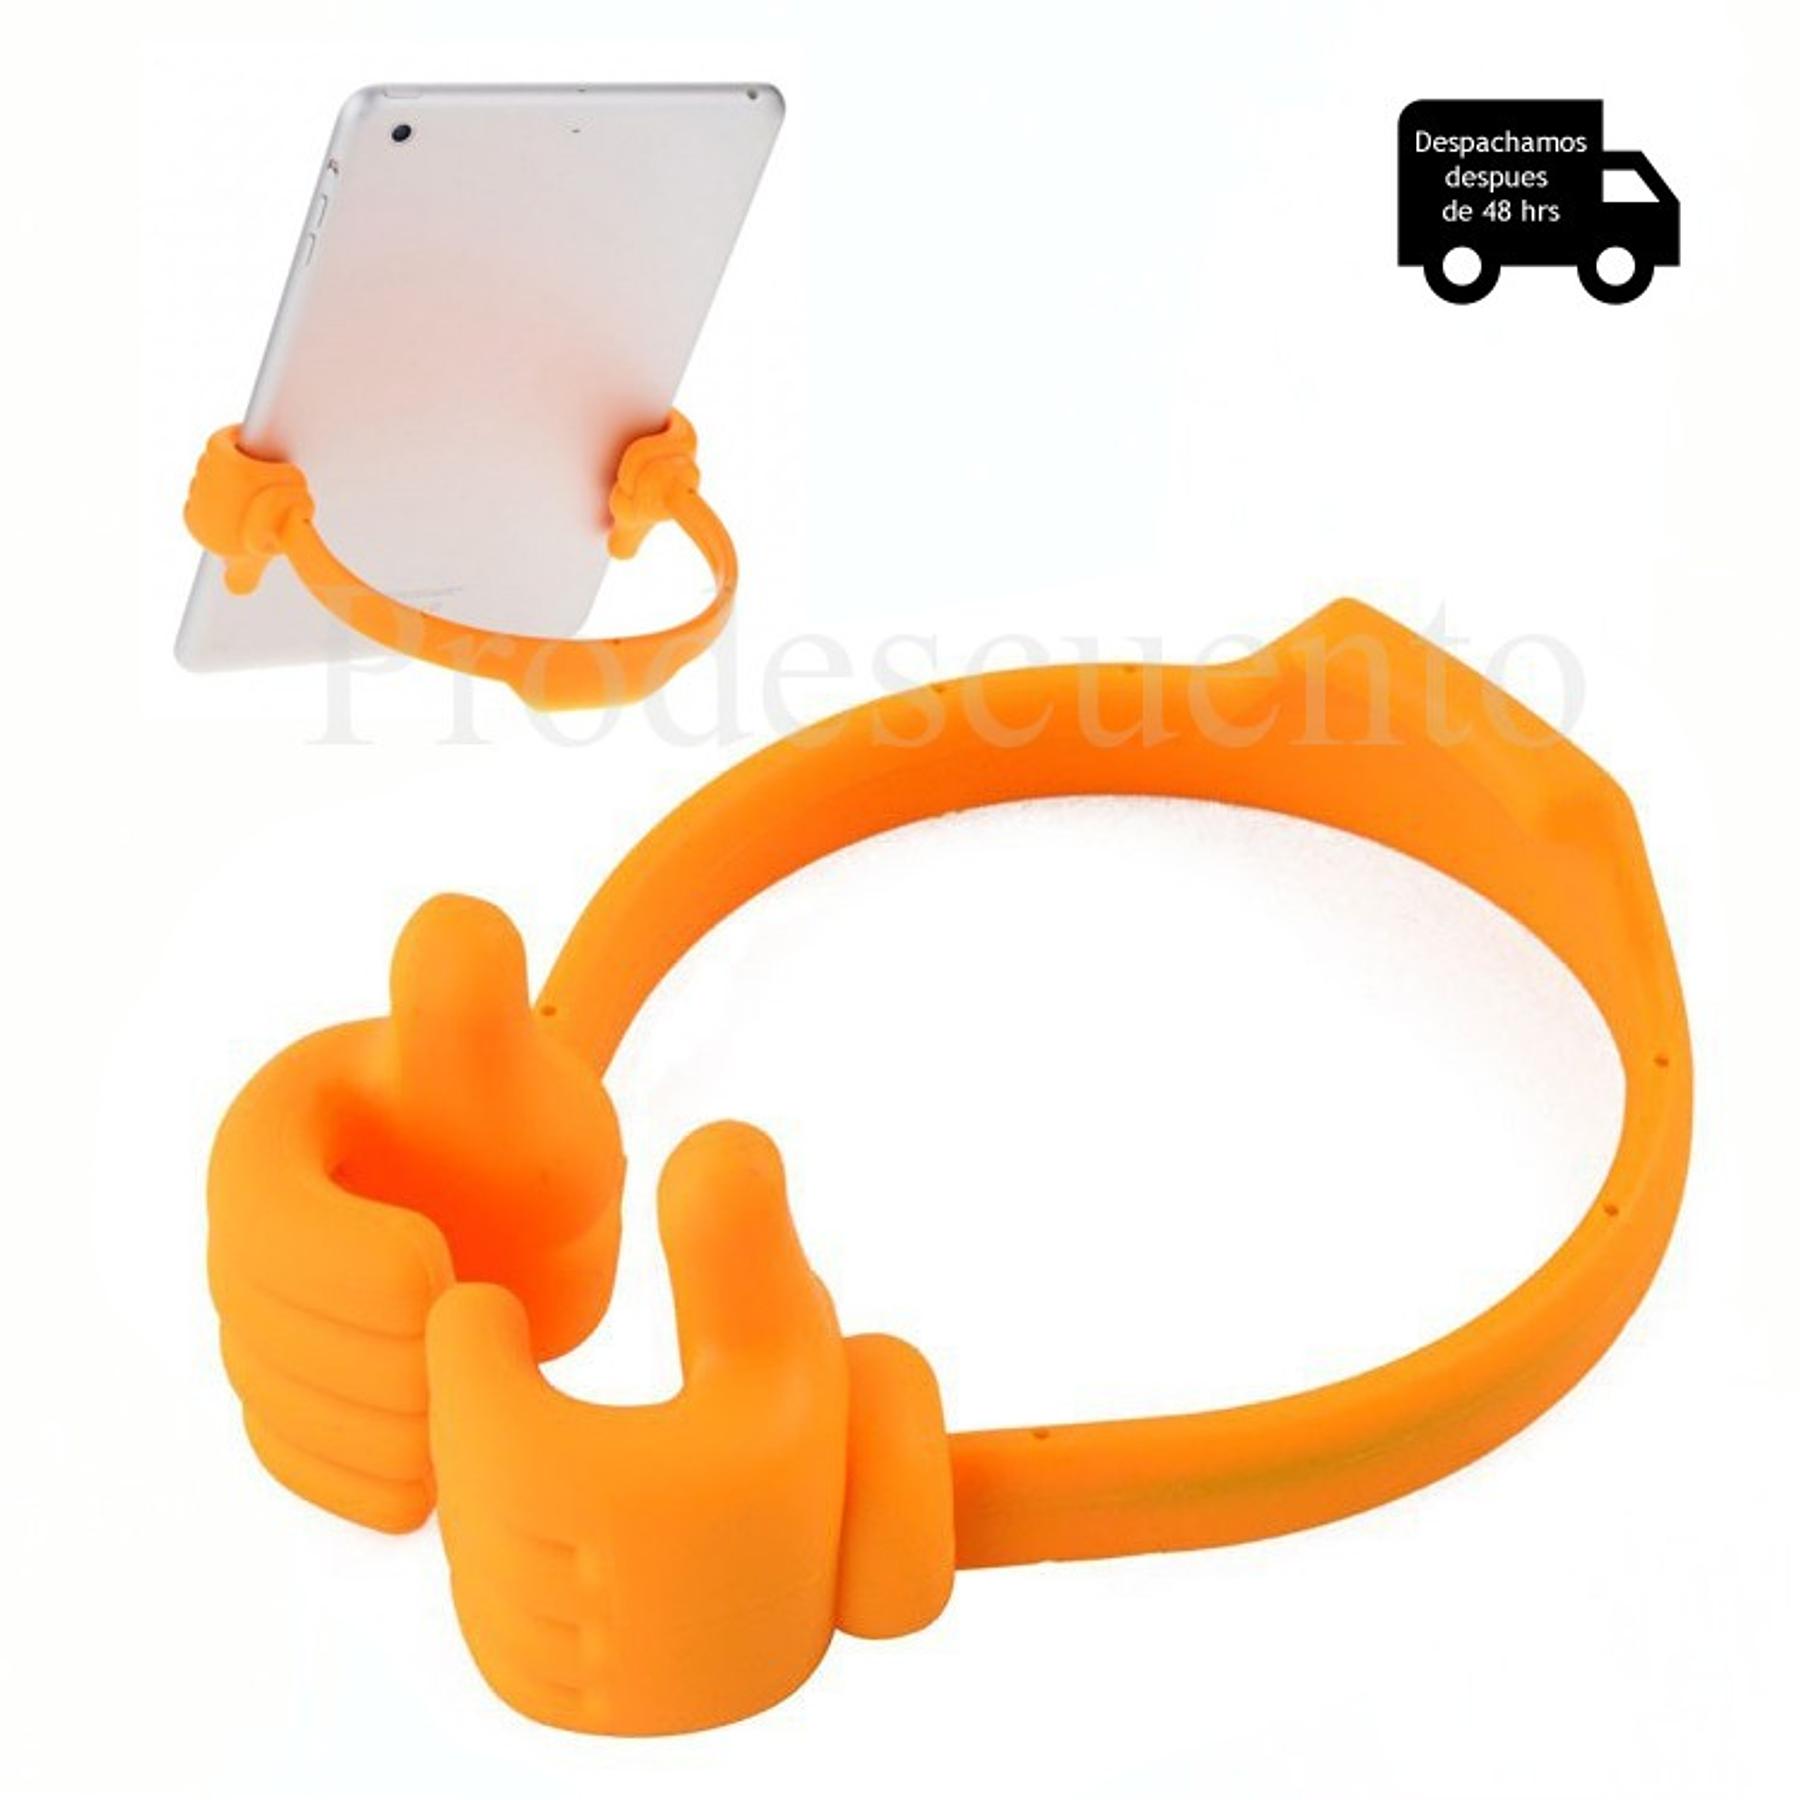 Soporte en forma de Manos Para Celulares Y Tablet